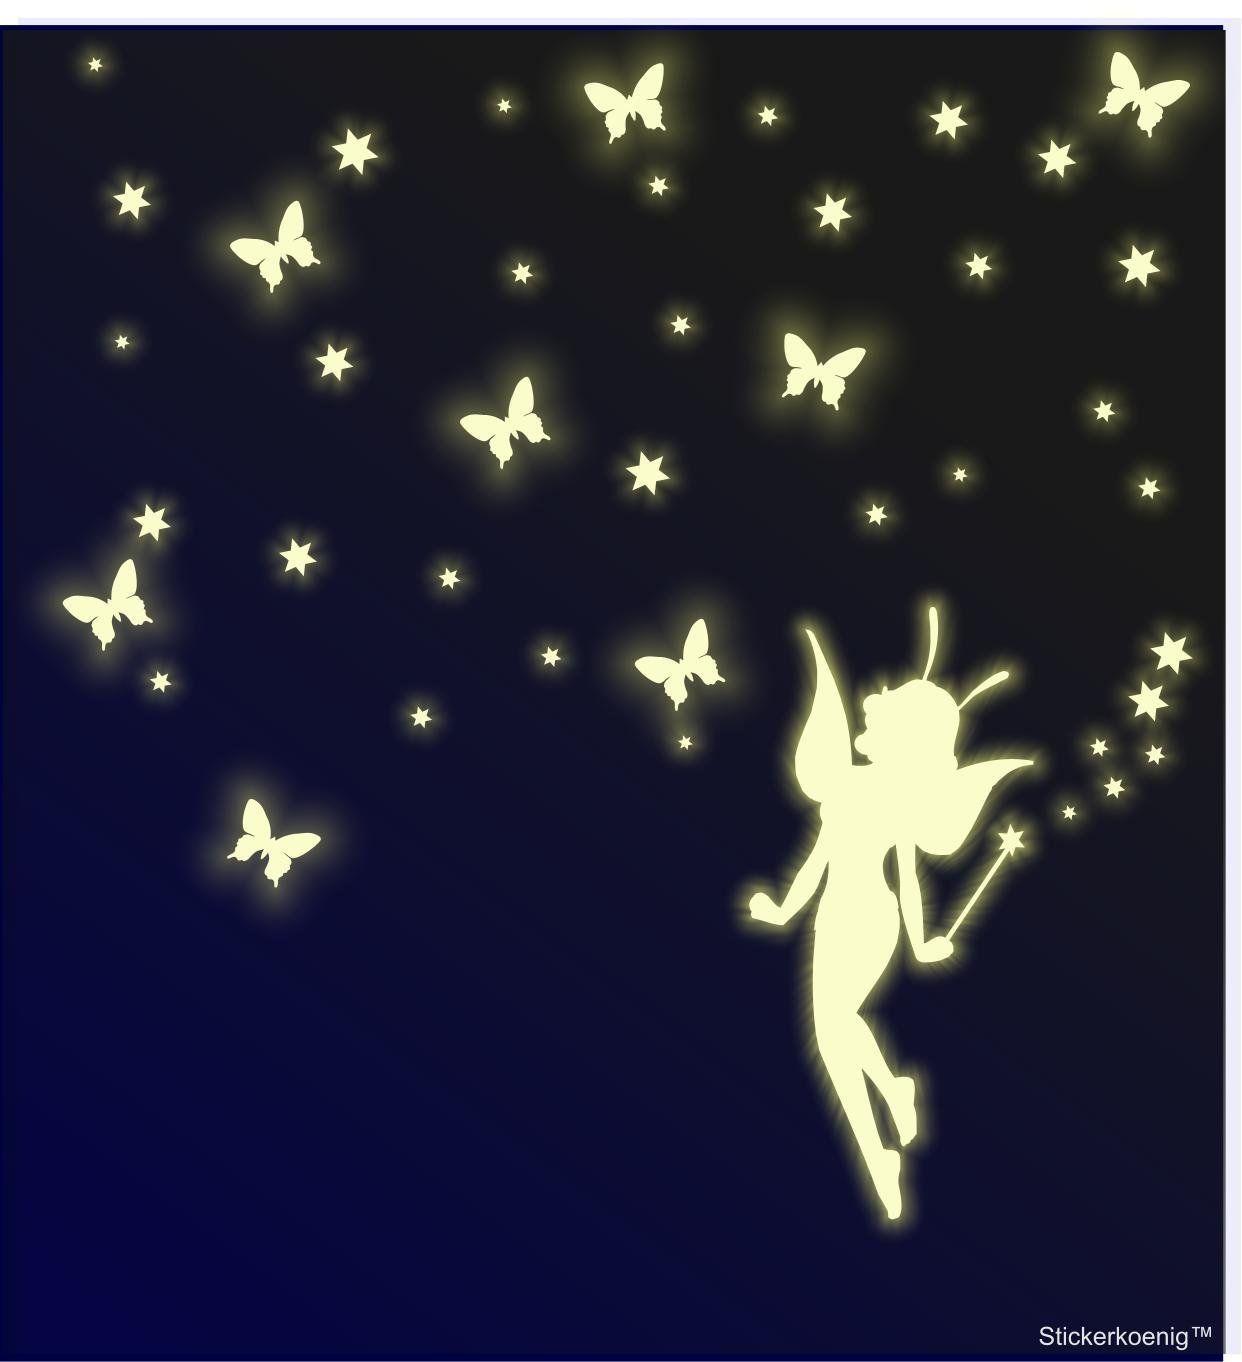 Kinderzimmer Wandtattoo Leuchtsticker Grosse Fee Elfe Xxl Mit Schmetterlingen Sternen Sternenhimmel Leuchtpunkte Leuchts Kinder Zimmer Kinderzimmer Wandtattoo